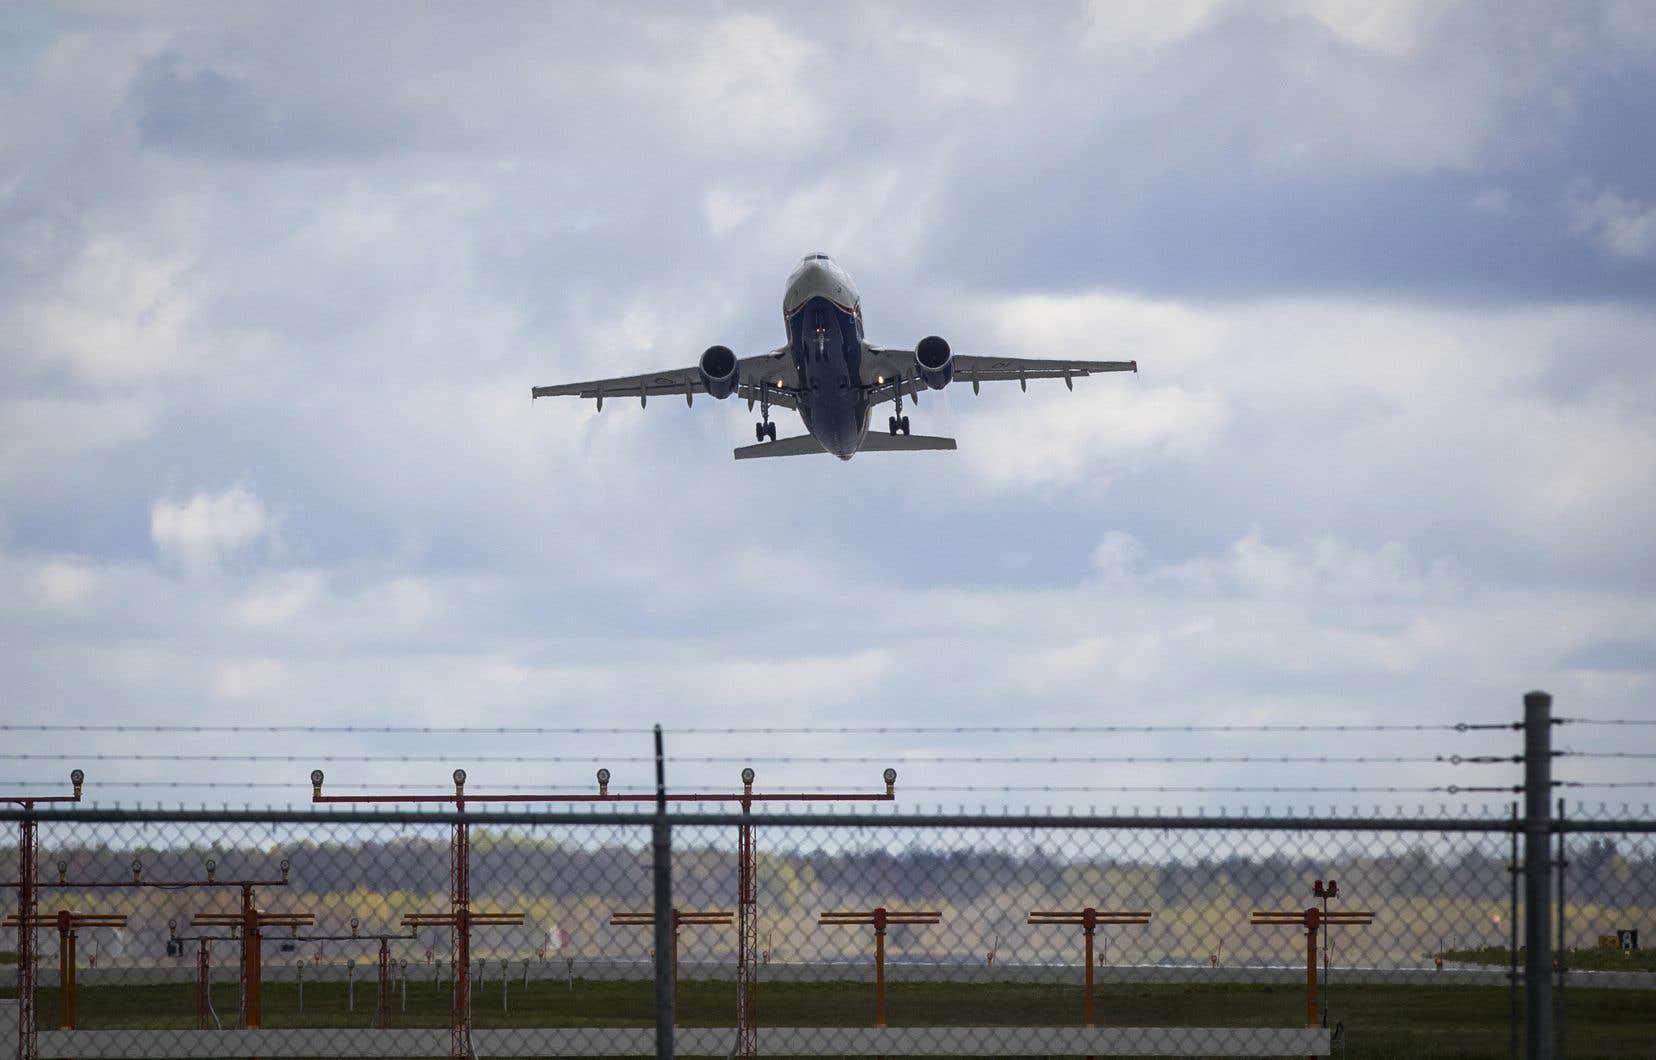 Les passagers qui quitteront l'Inde ou le Pakistan devront continuer de passer par un autre aéroport avant d'entrer au Canada, et devront s'assurer d'avoir en main un test de dépistage négatif de COVID-19 réalisé pendant leur escale.